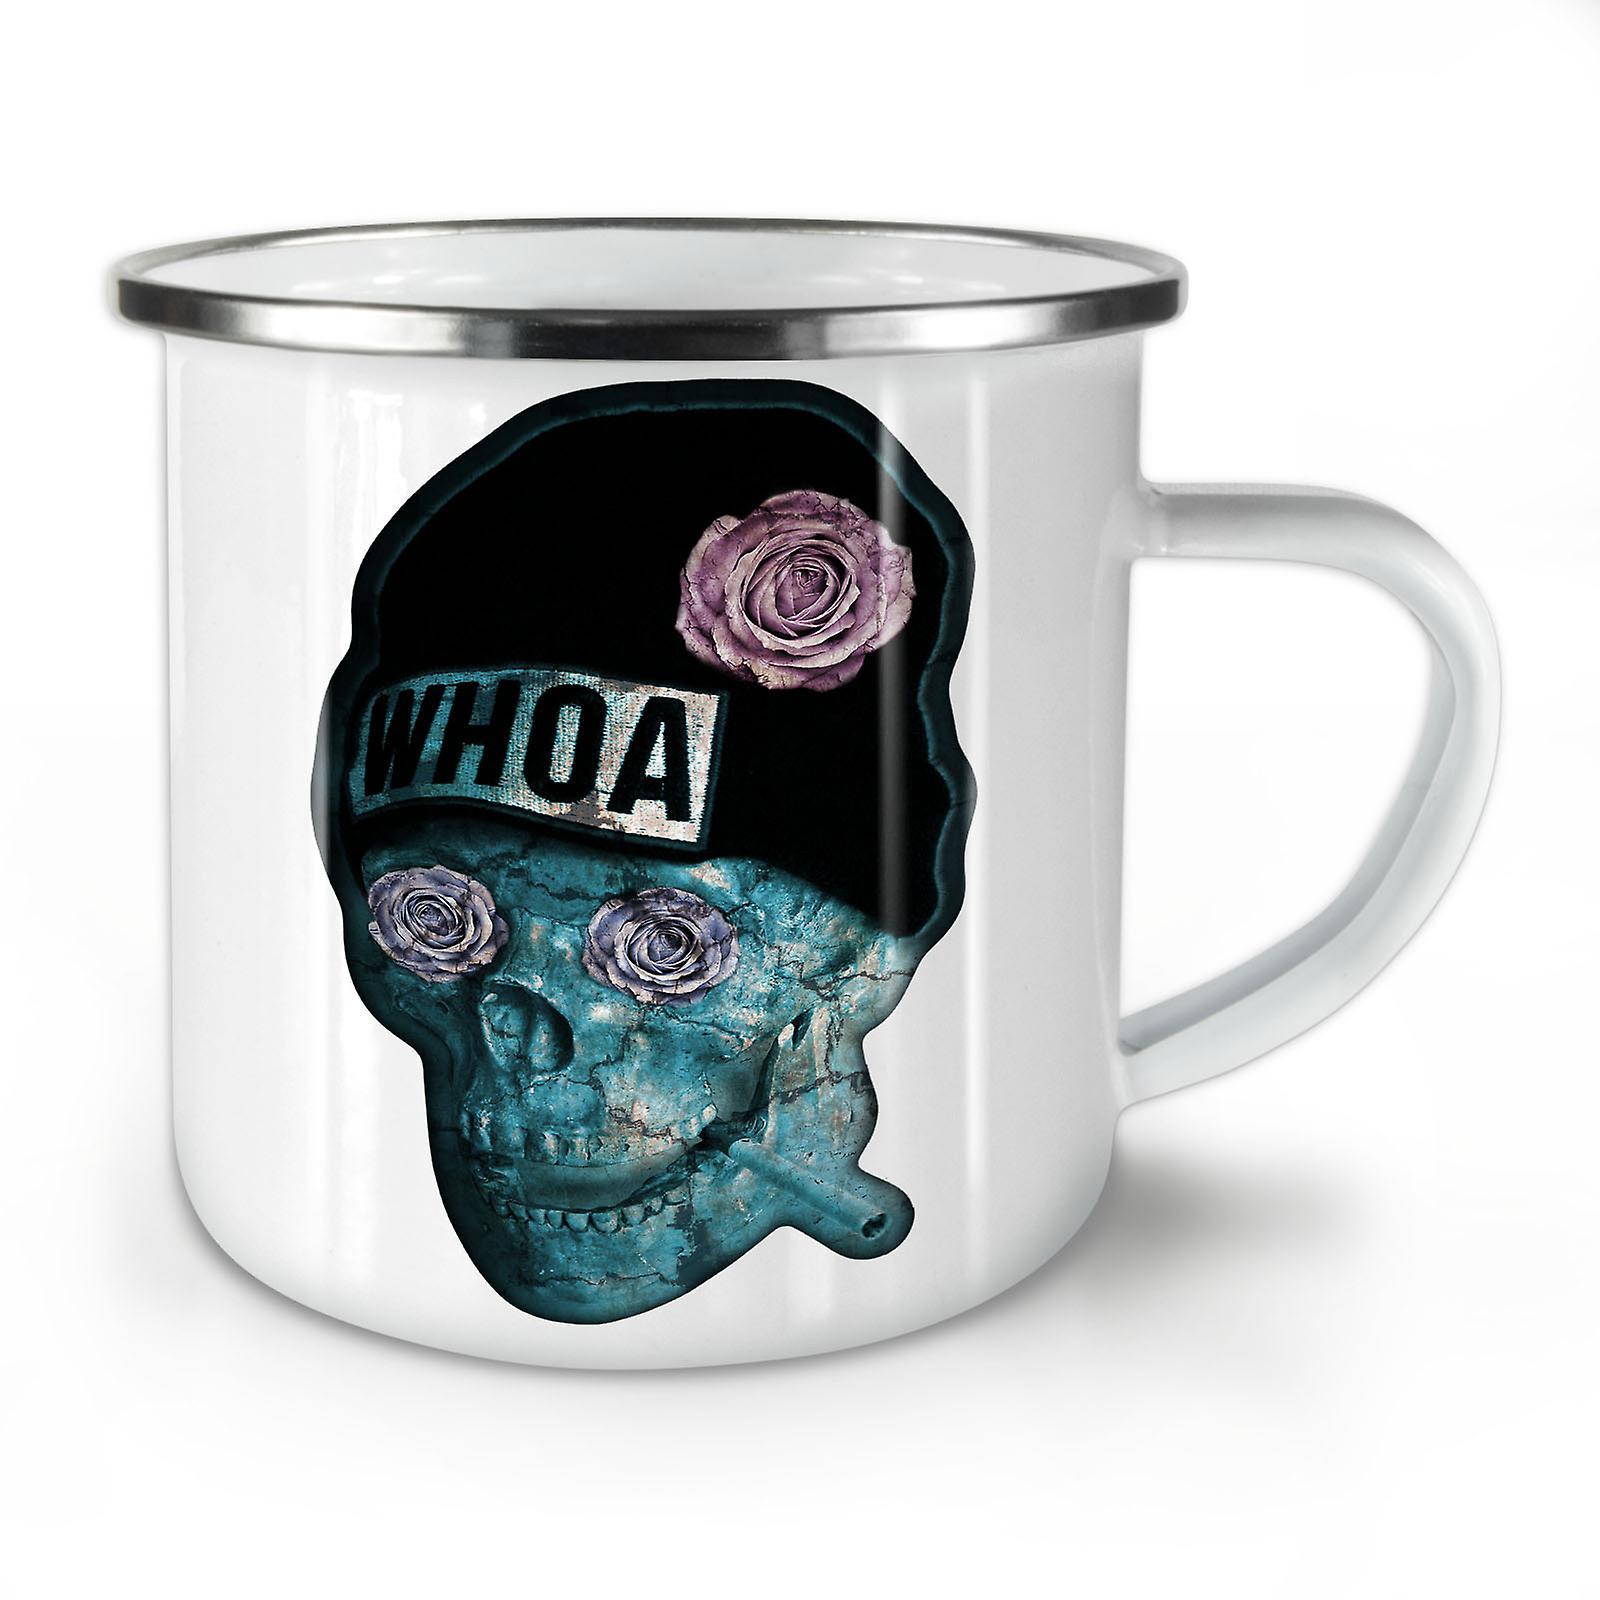 Coffee Enamel Mug10 New OzWellcoda Skeleton Whitetea Whoa dBtoQrCshx